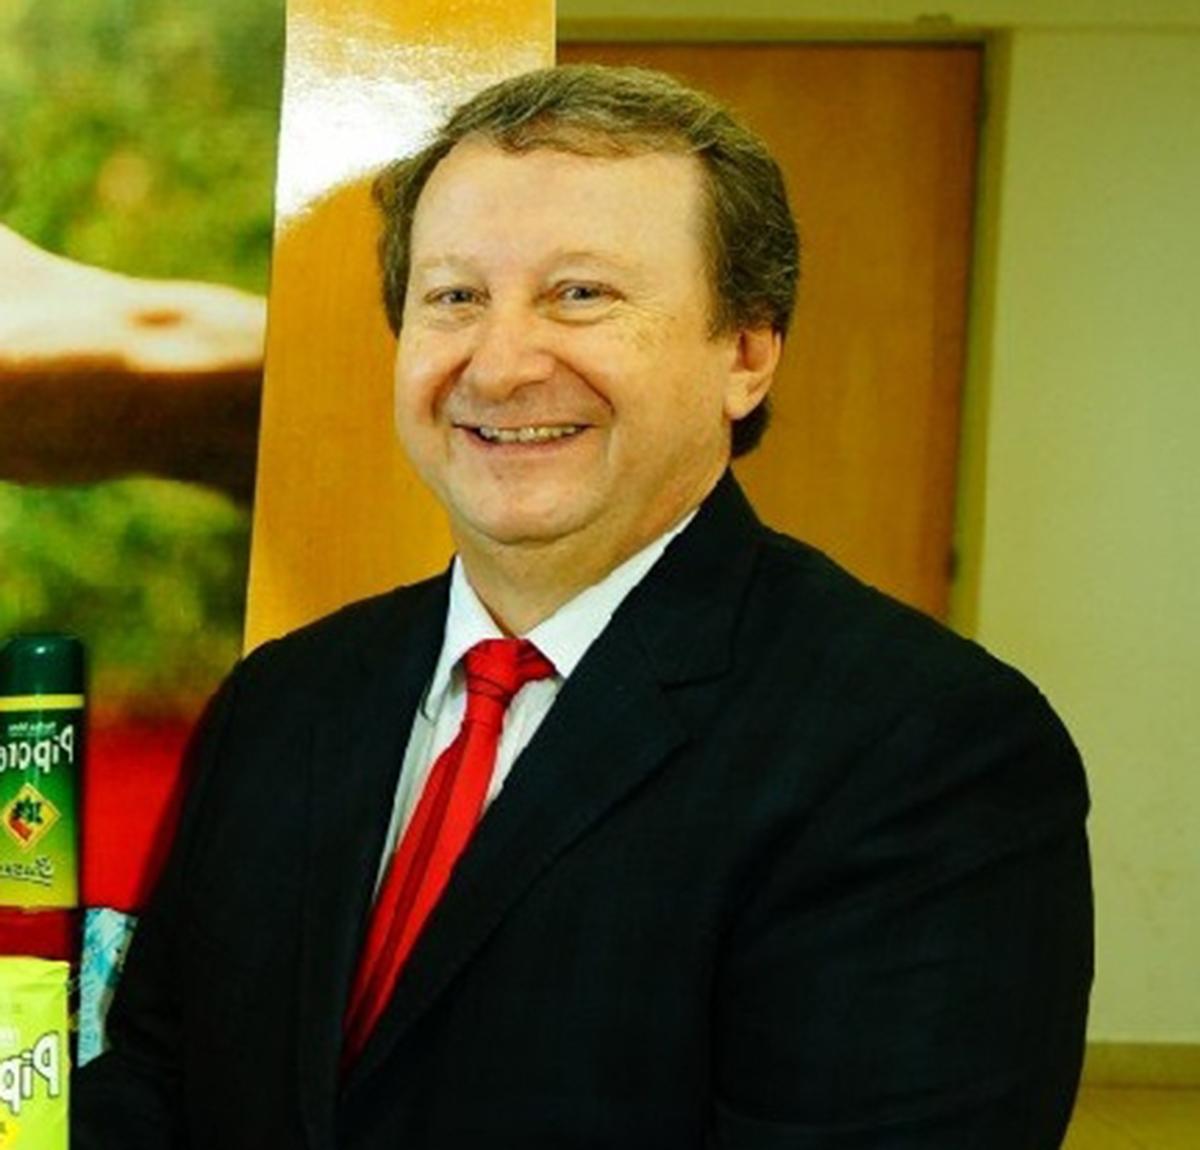 Raúl Karaben destacó el impacto positivo de la rebaja de contribuciones patronales para las Pymes y la potencialidad de insertar la yerba mate en India